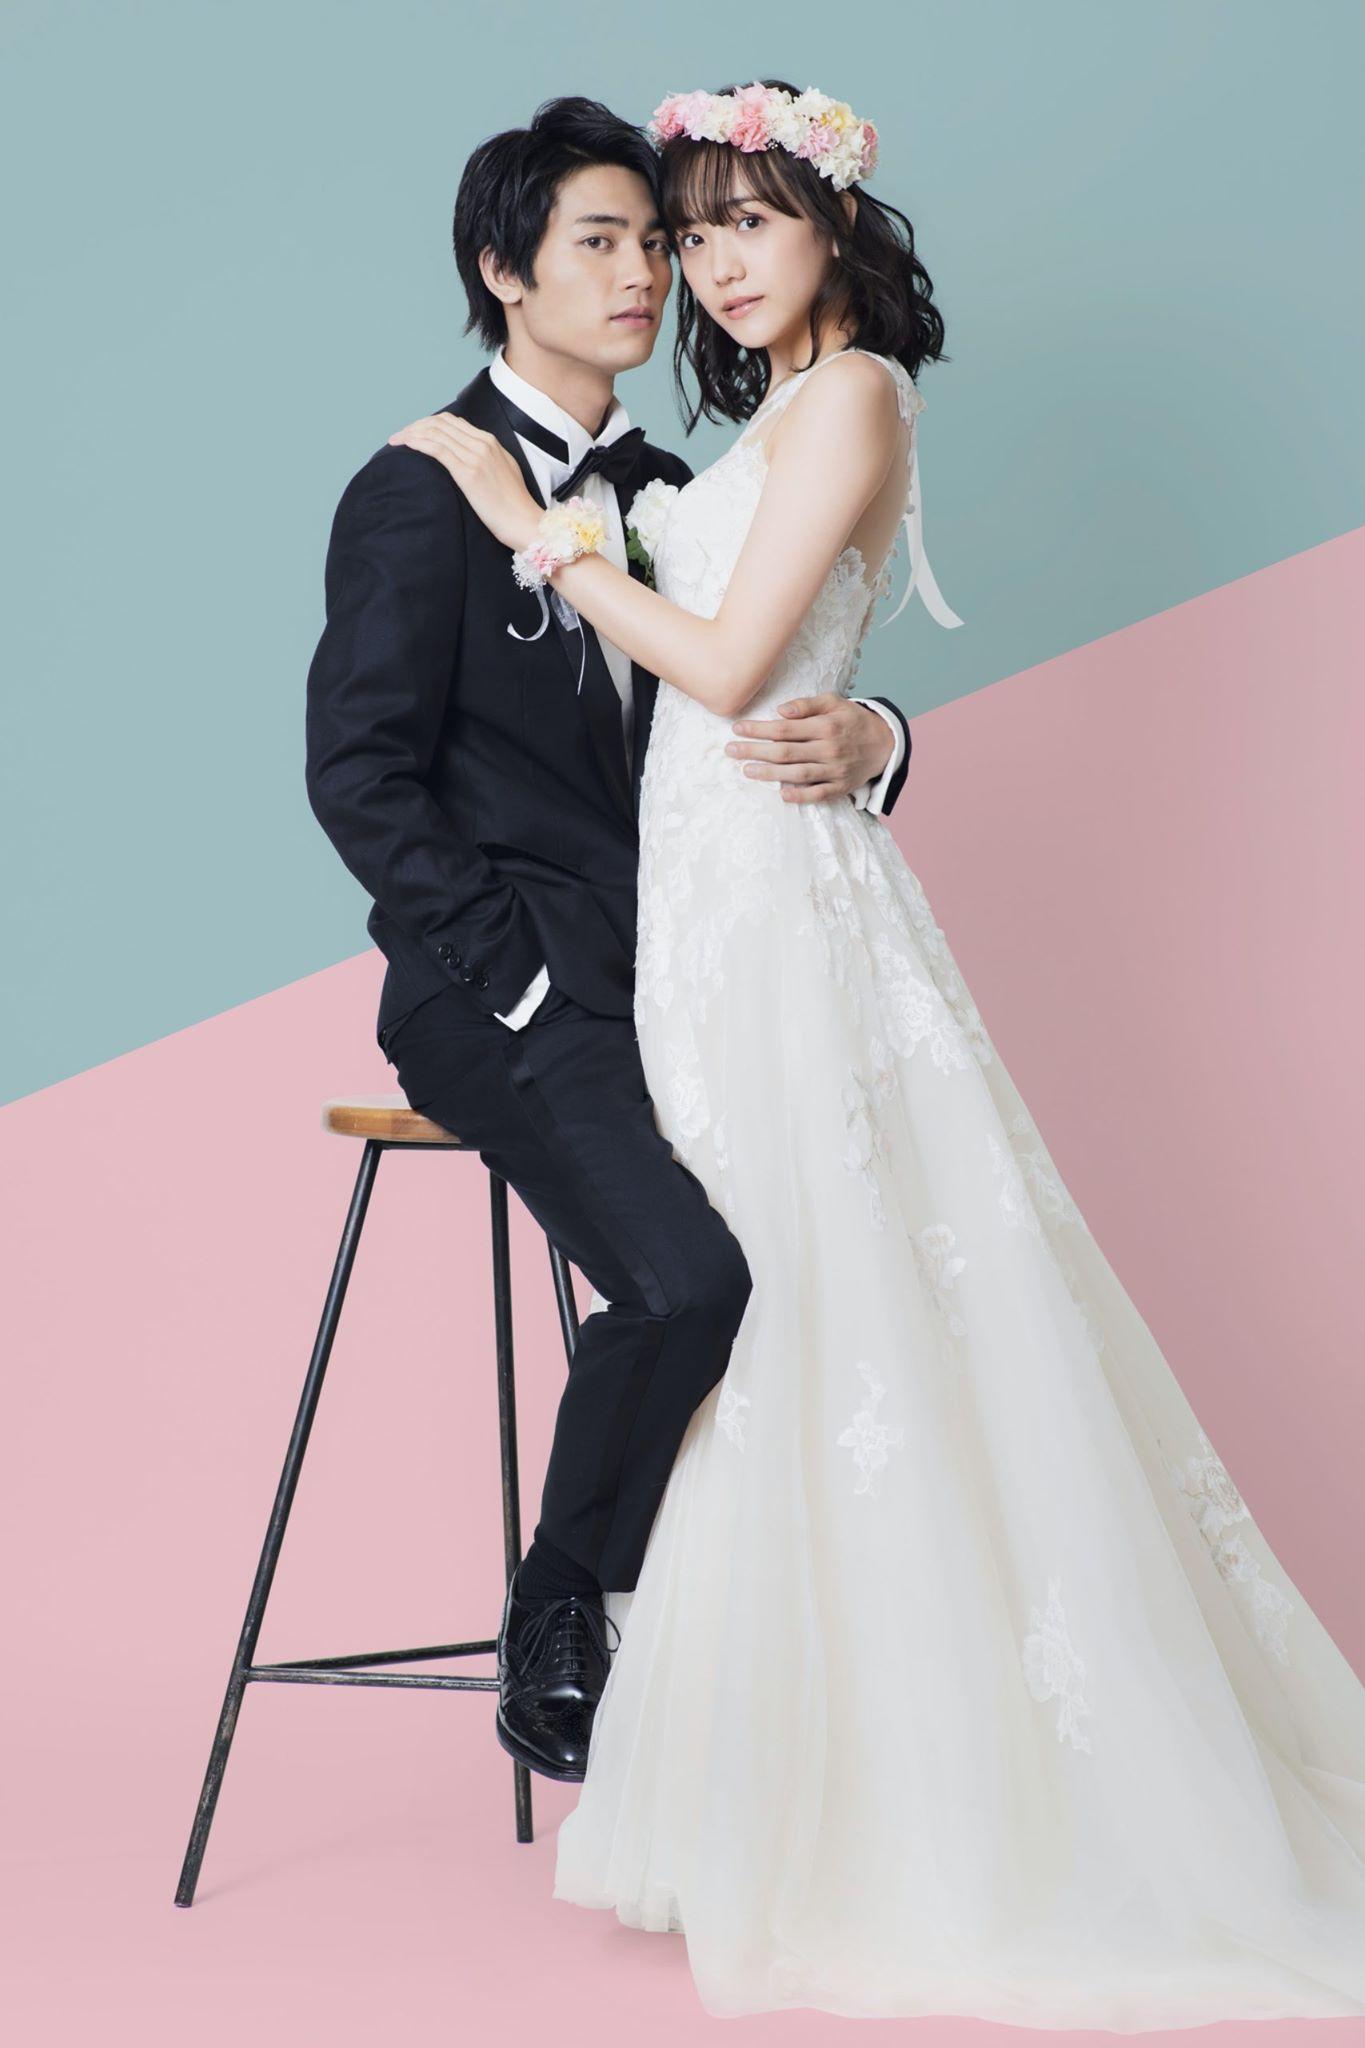 Cuộc Hôn Nhân Bí Mật - Shanai Marriage Honey (2020)